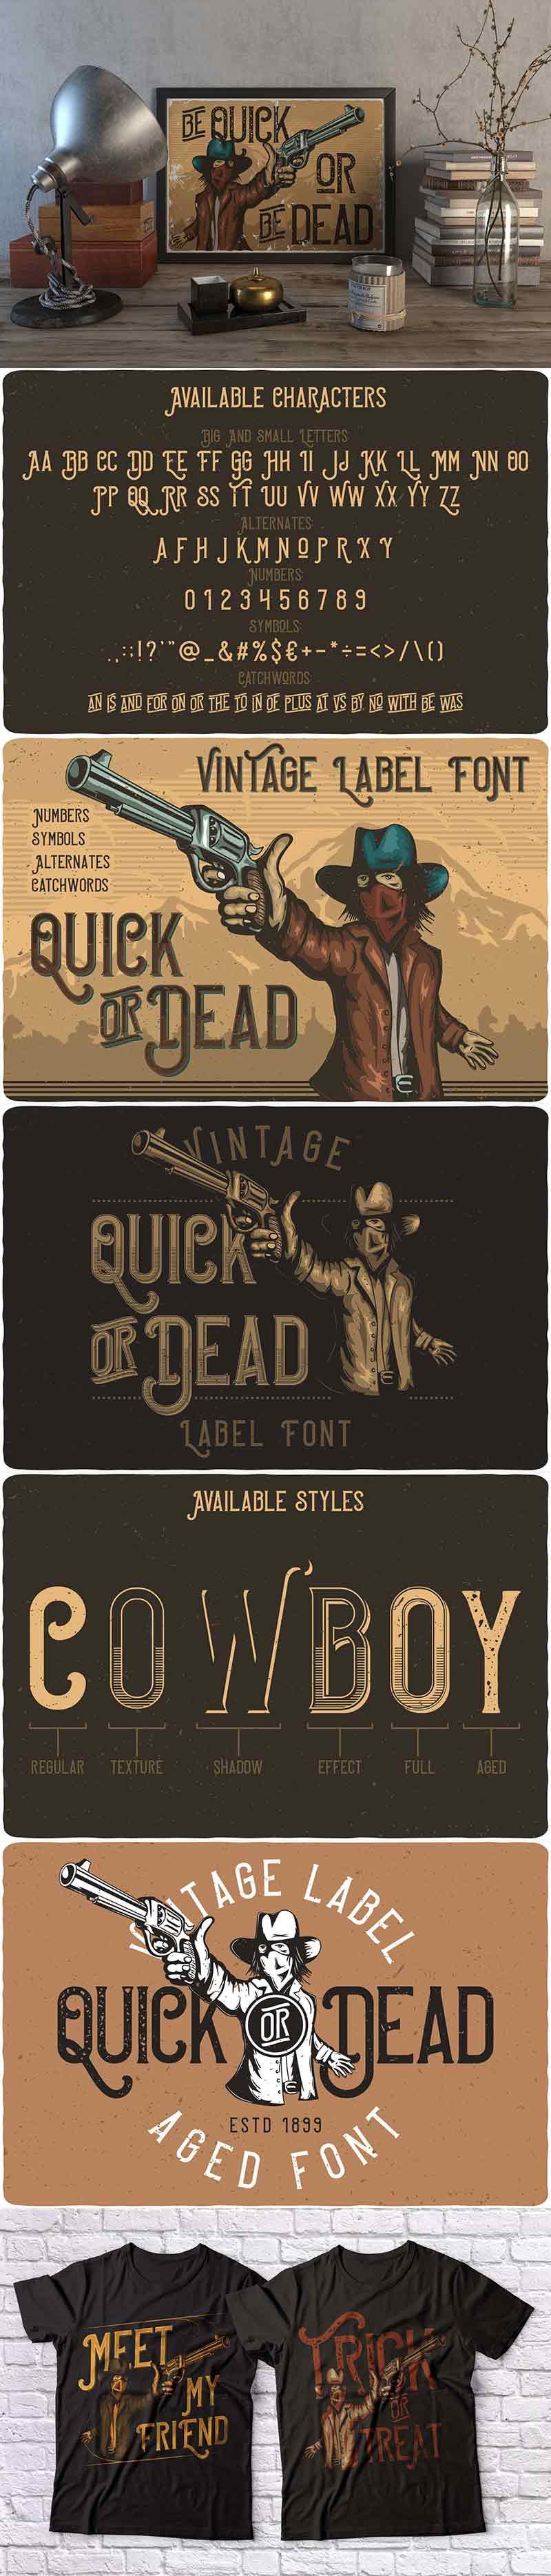 Big Bundle Of 47 Vintage Font Families - Quick_or_dead_preview